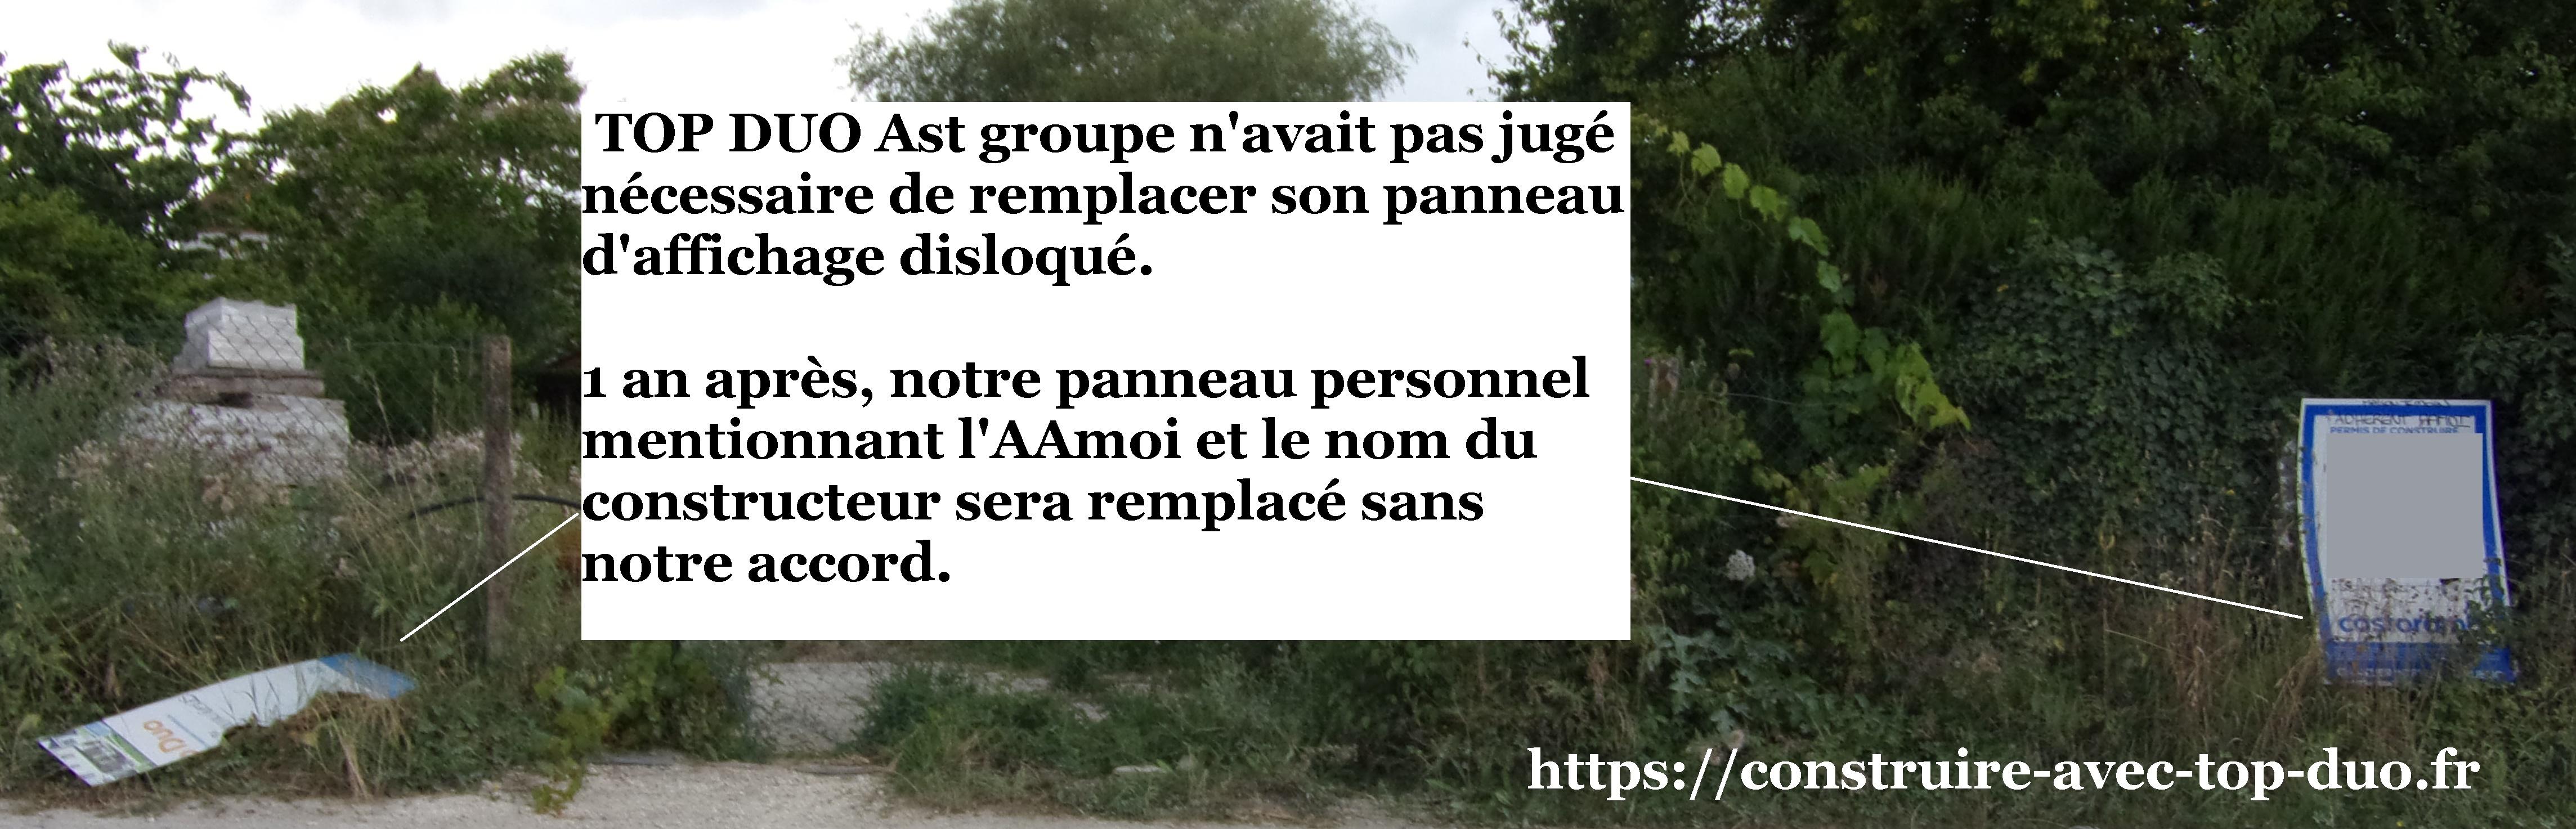 comparatif-panneau-daffichage-maison-Top-Duo-Ast-Groupe